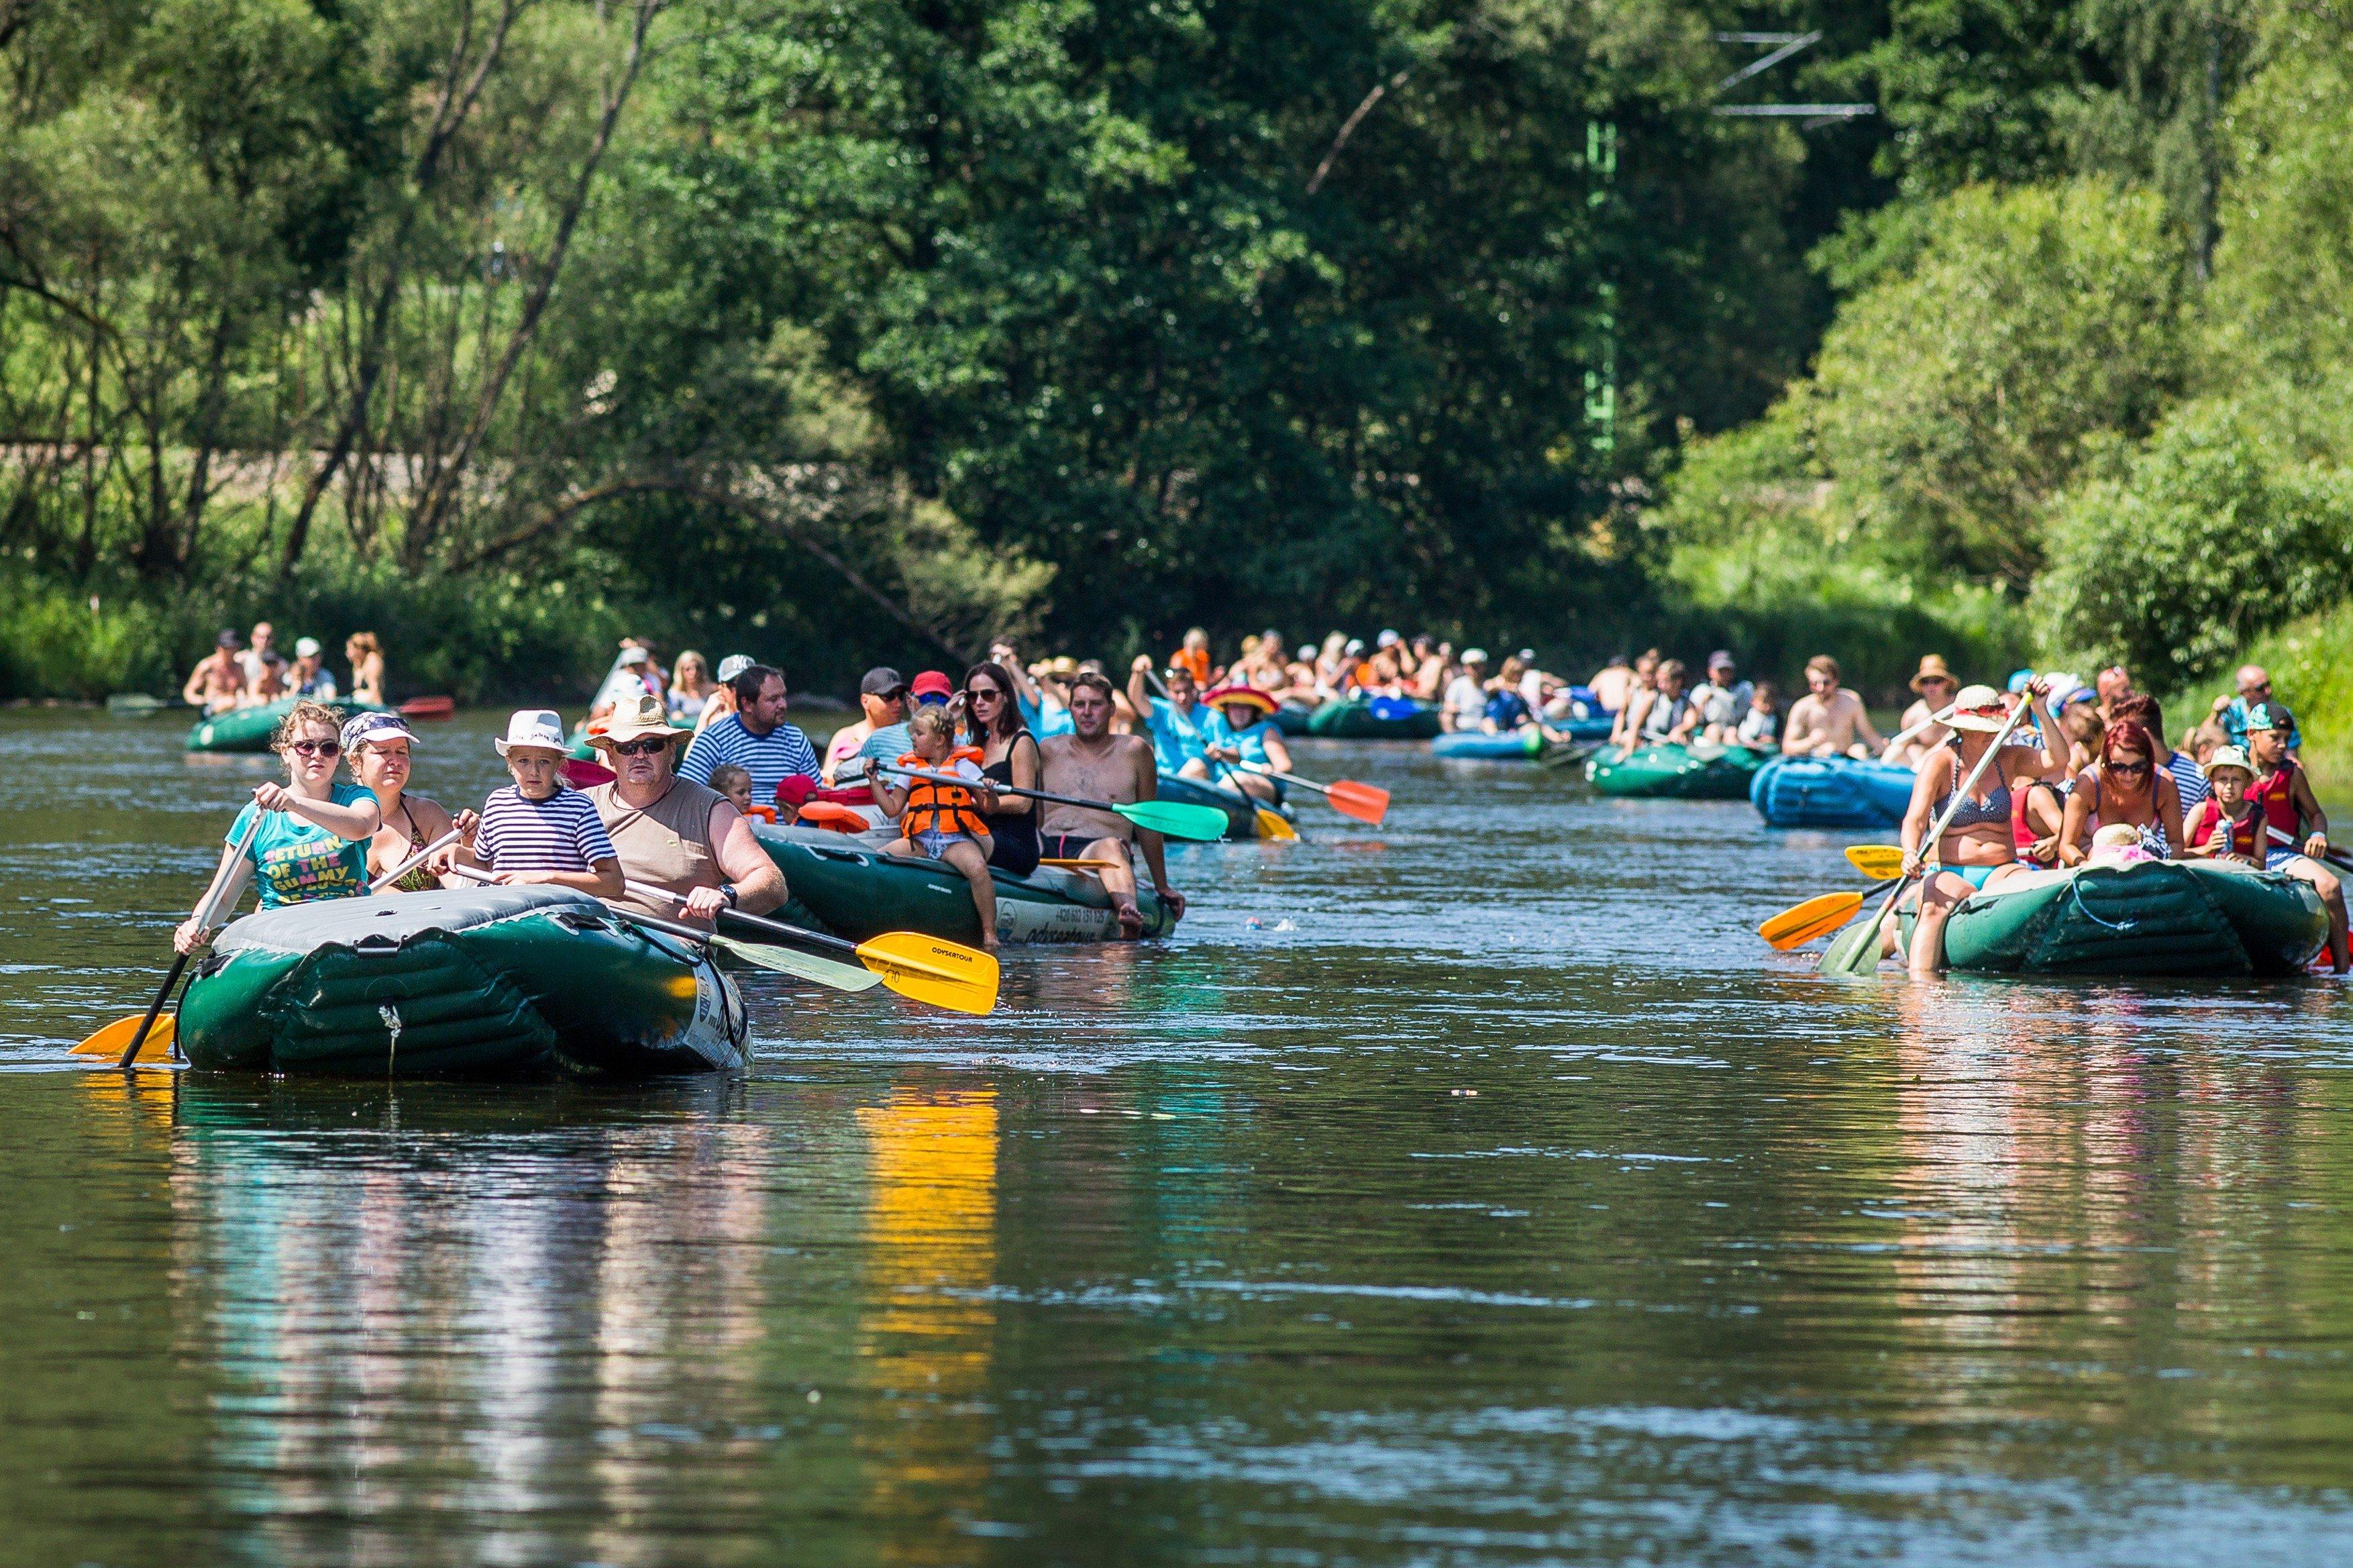 Vodáci, přeplněná řeka Vltava u Vyššího Brodu v jižních Čechách